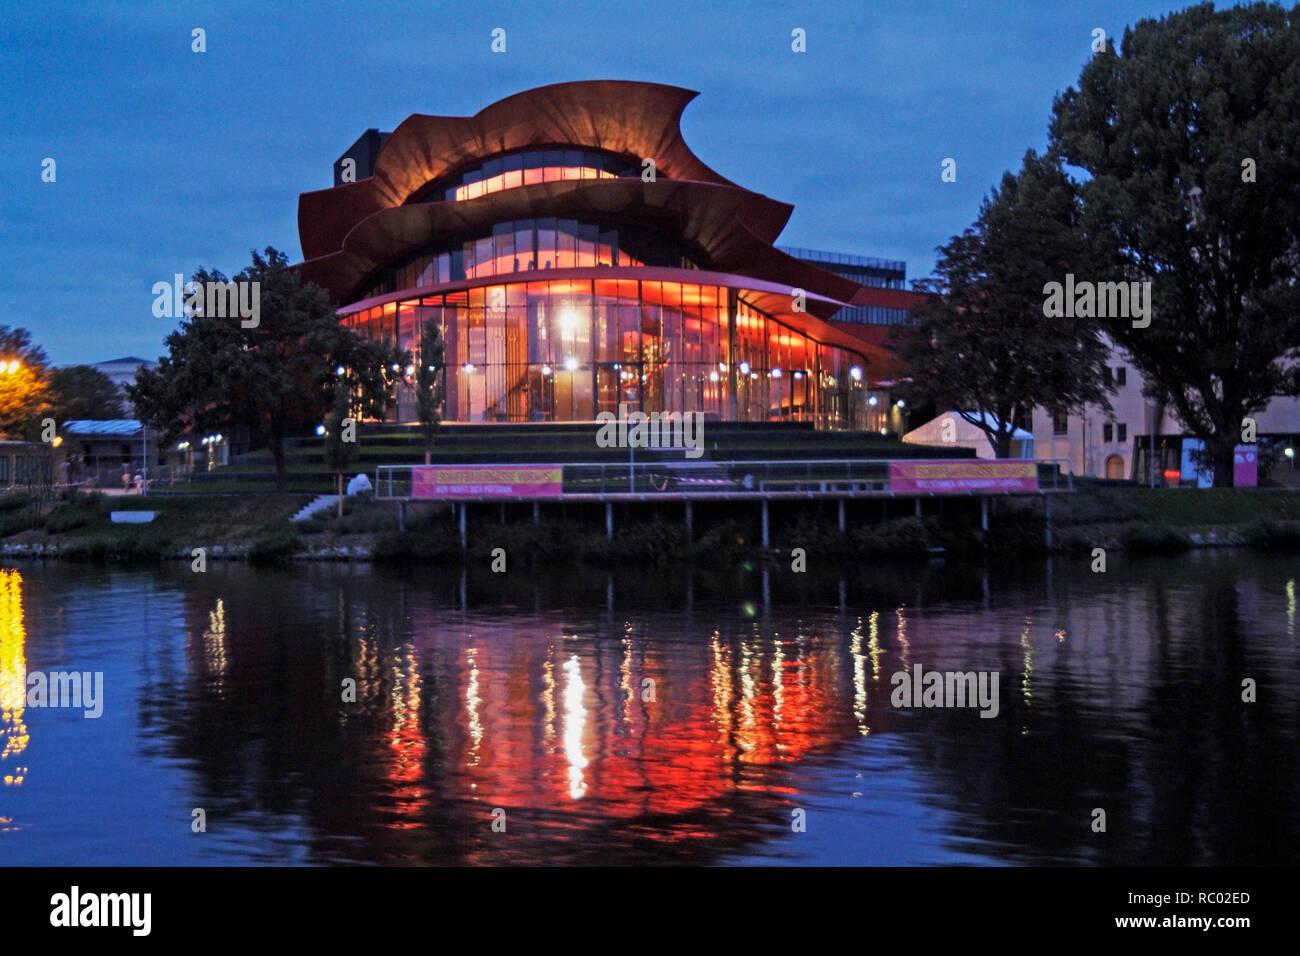 Hans-Otto-Theater am Ufer dees Tiefen sieht, Havel, Architekt Gottfried Böhm, 2006, Potsdam, Brandenburg, Deutschland, Europa | Hans-Otto-Theater am Stockfoto